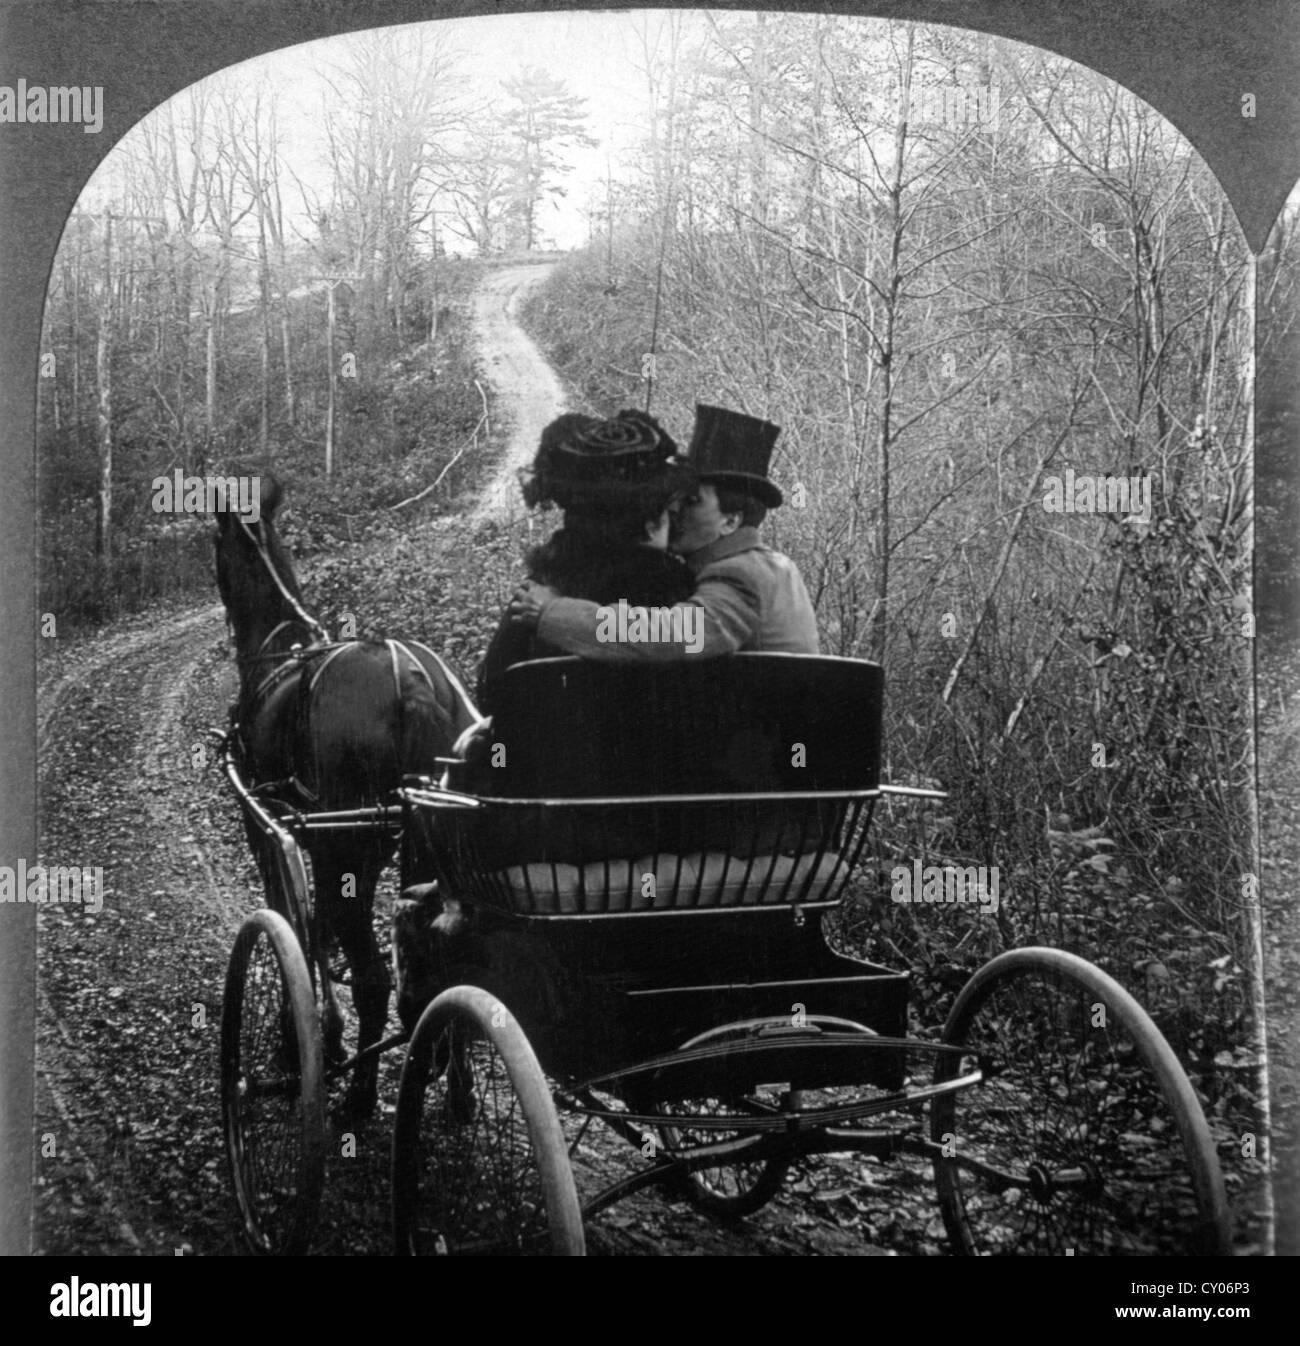 Un hombre y una mujer en un carruaje tirado por caballos, Vista trasera, Stereo Fotografía, circa 1901Foto de stock